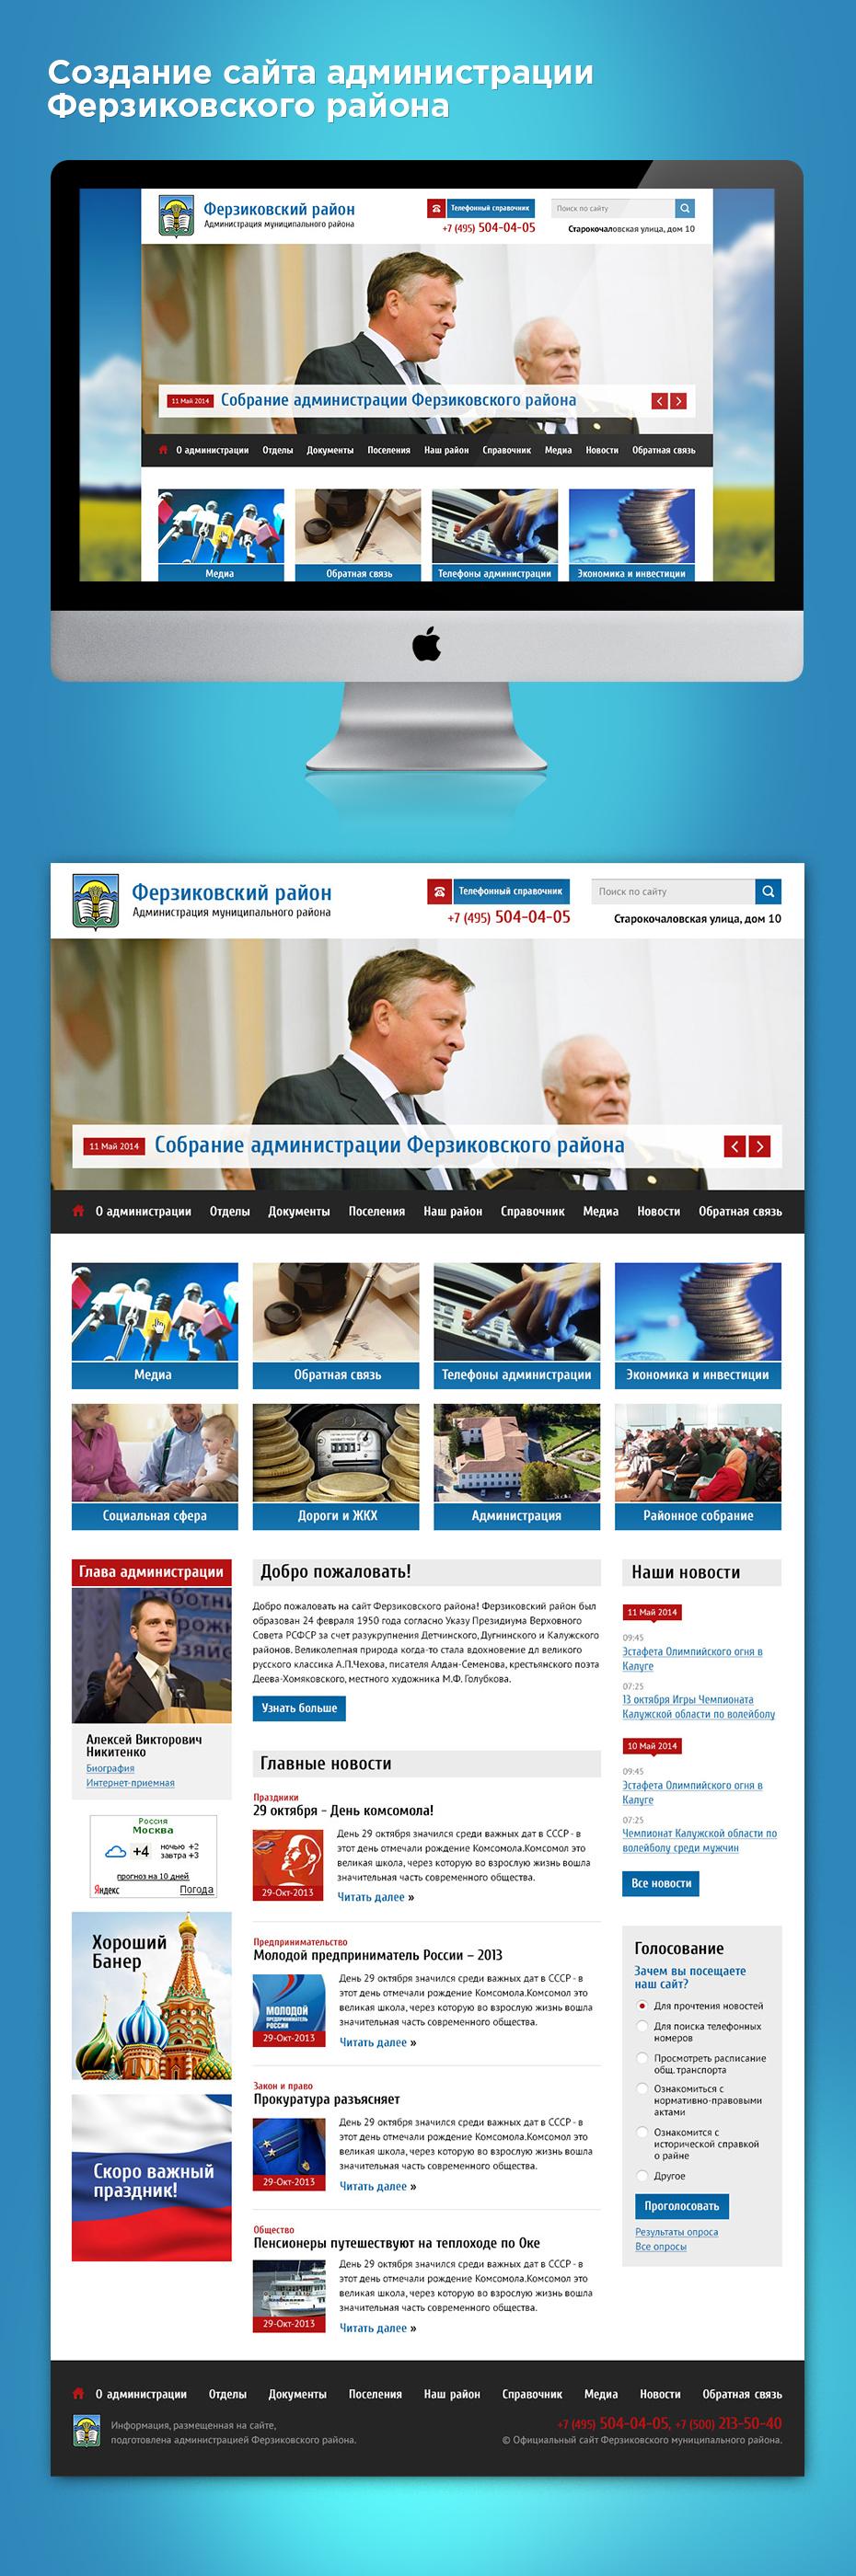 Сайт Администрации Ферзиковского района